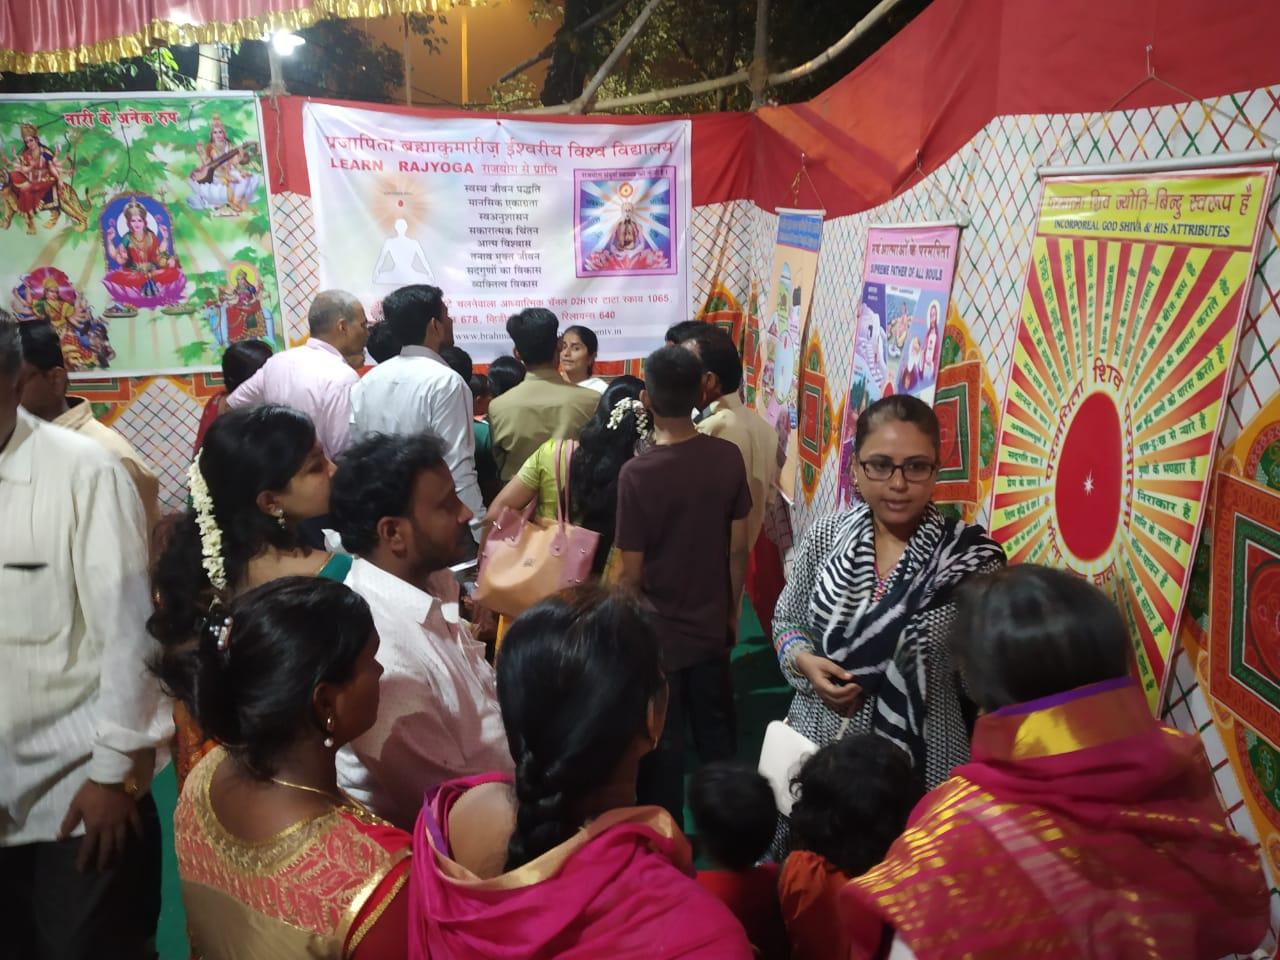 Spiritual Science Exhibition by Brahma Kumaris in Kalyan, Mumbai